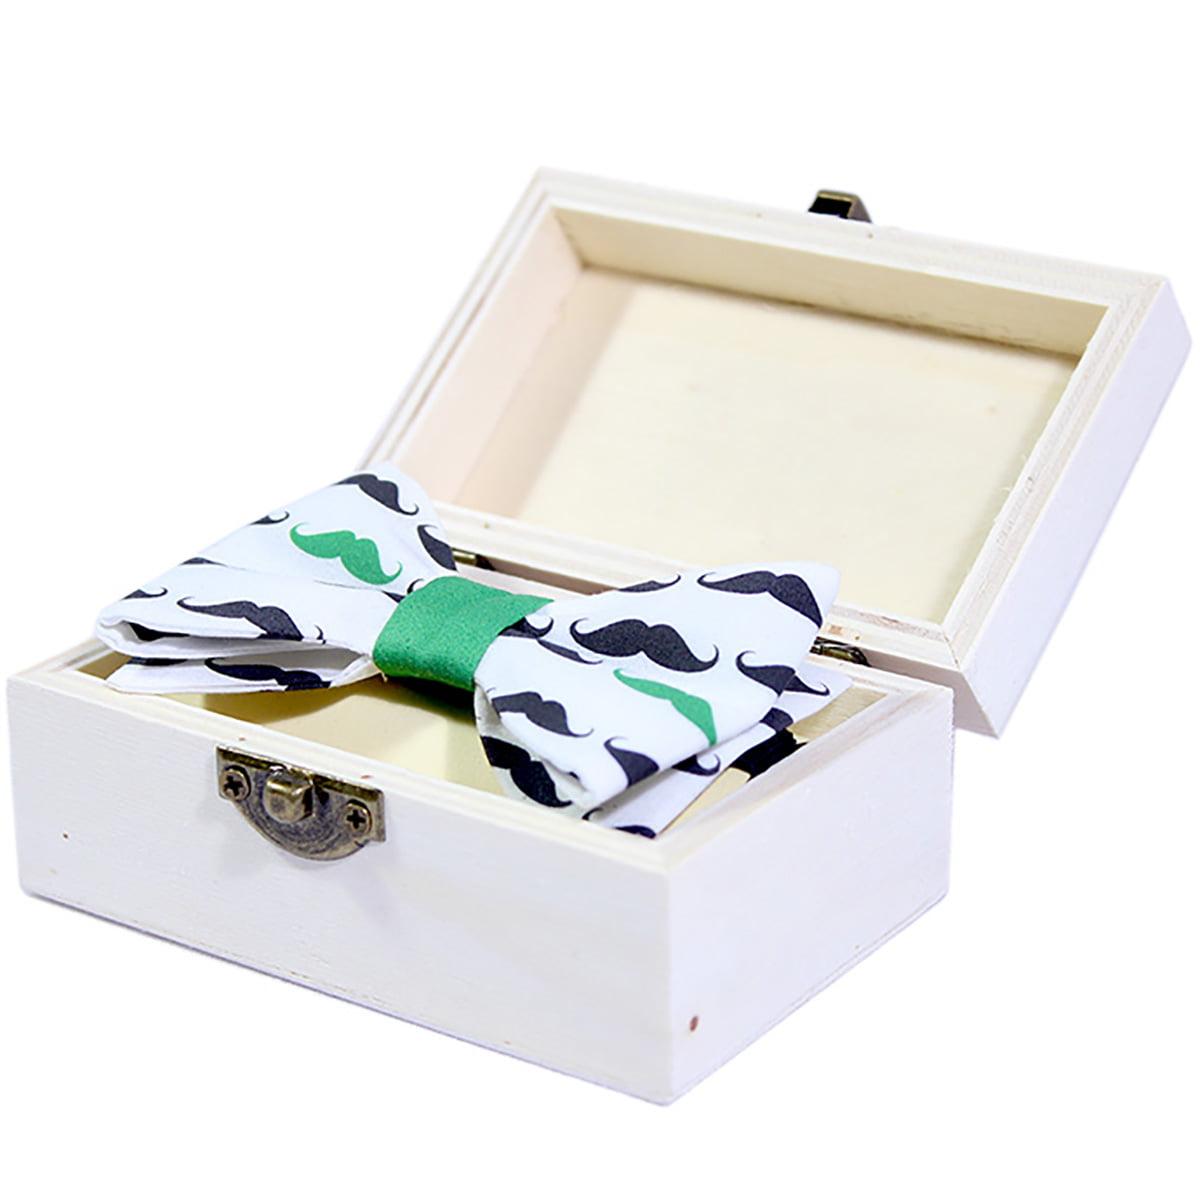 Green mustache dječja leptir mašna u poklon kutiji